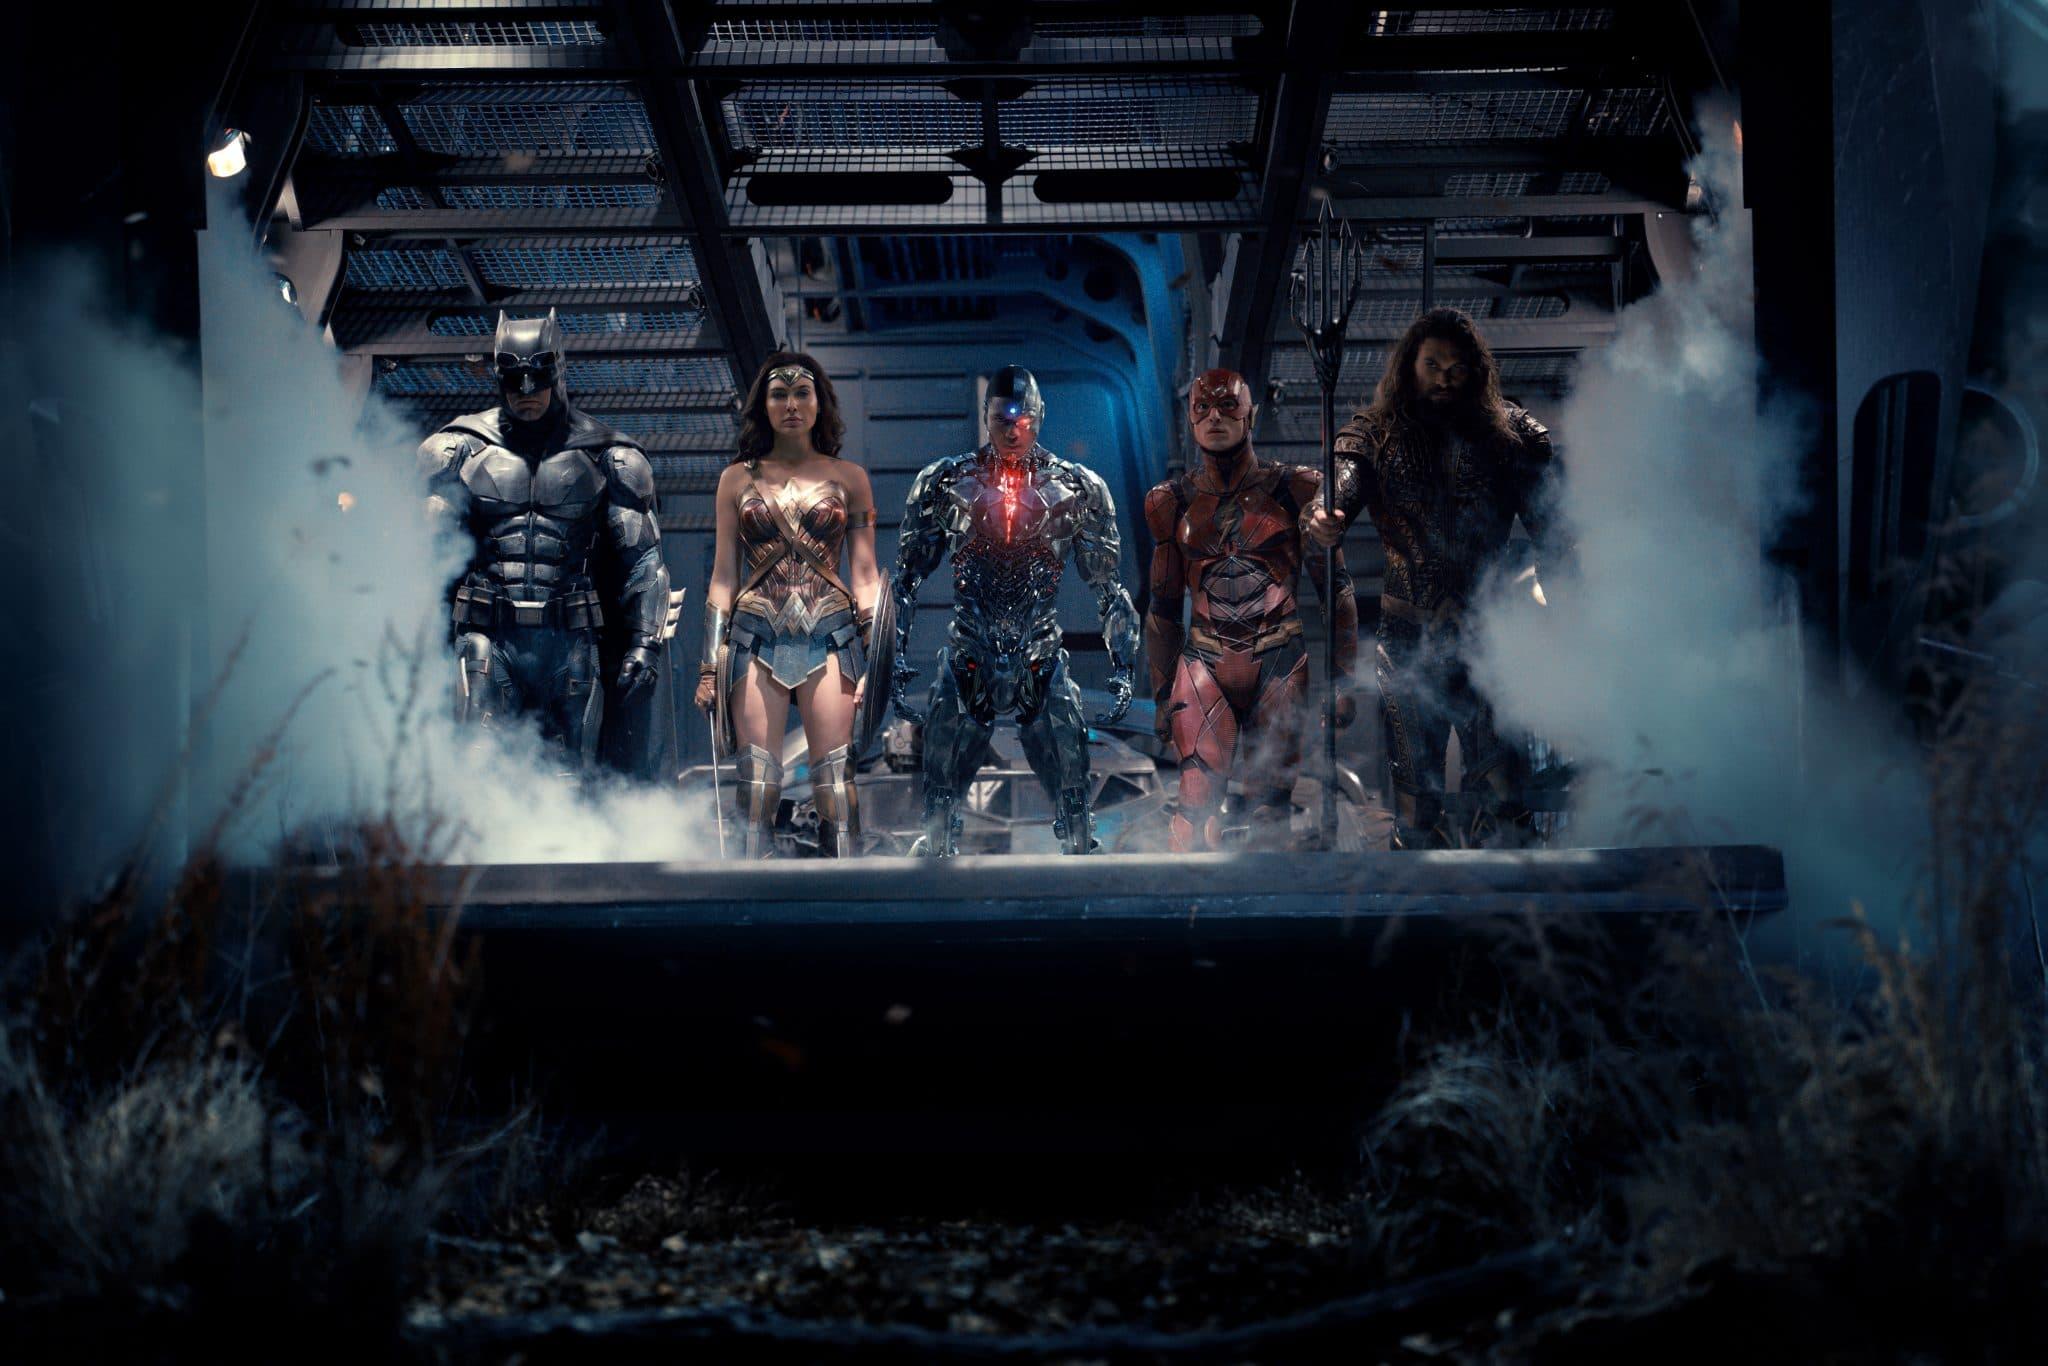 Die Justice League entsteigt einem Flugzeug und steht auf der Laderampe, die dampfend absinkt. Zu sehen sind mit ernsten Gesichtern Batman, Wonder Woman, Cyborg, Flash und Aquaman. Neue Infos zum Snyder-Cut - unser Filmtoast Newsbrunch.